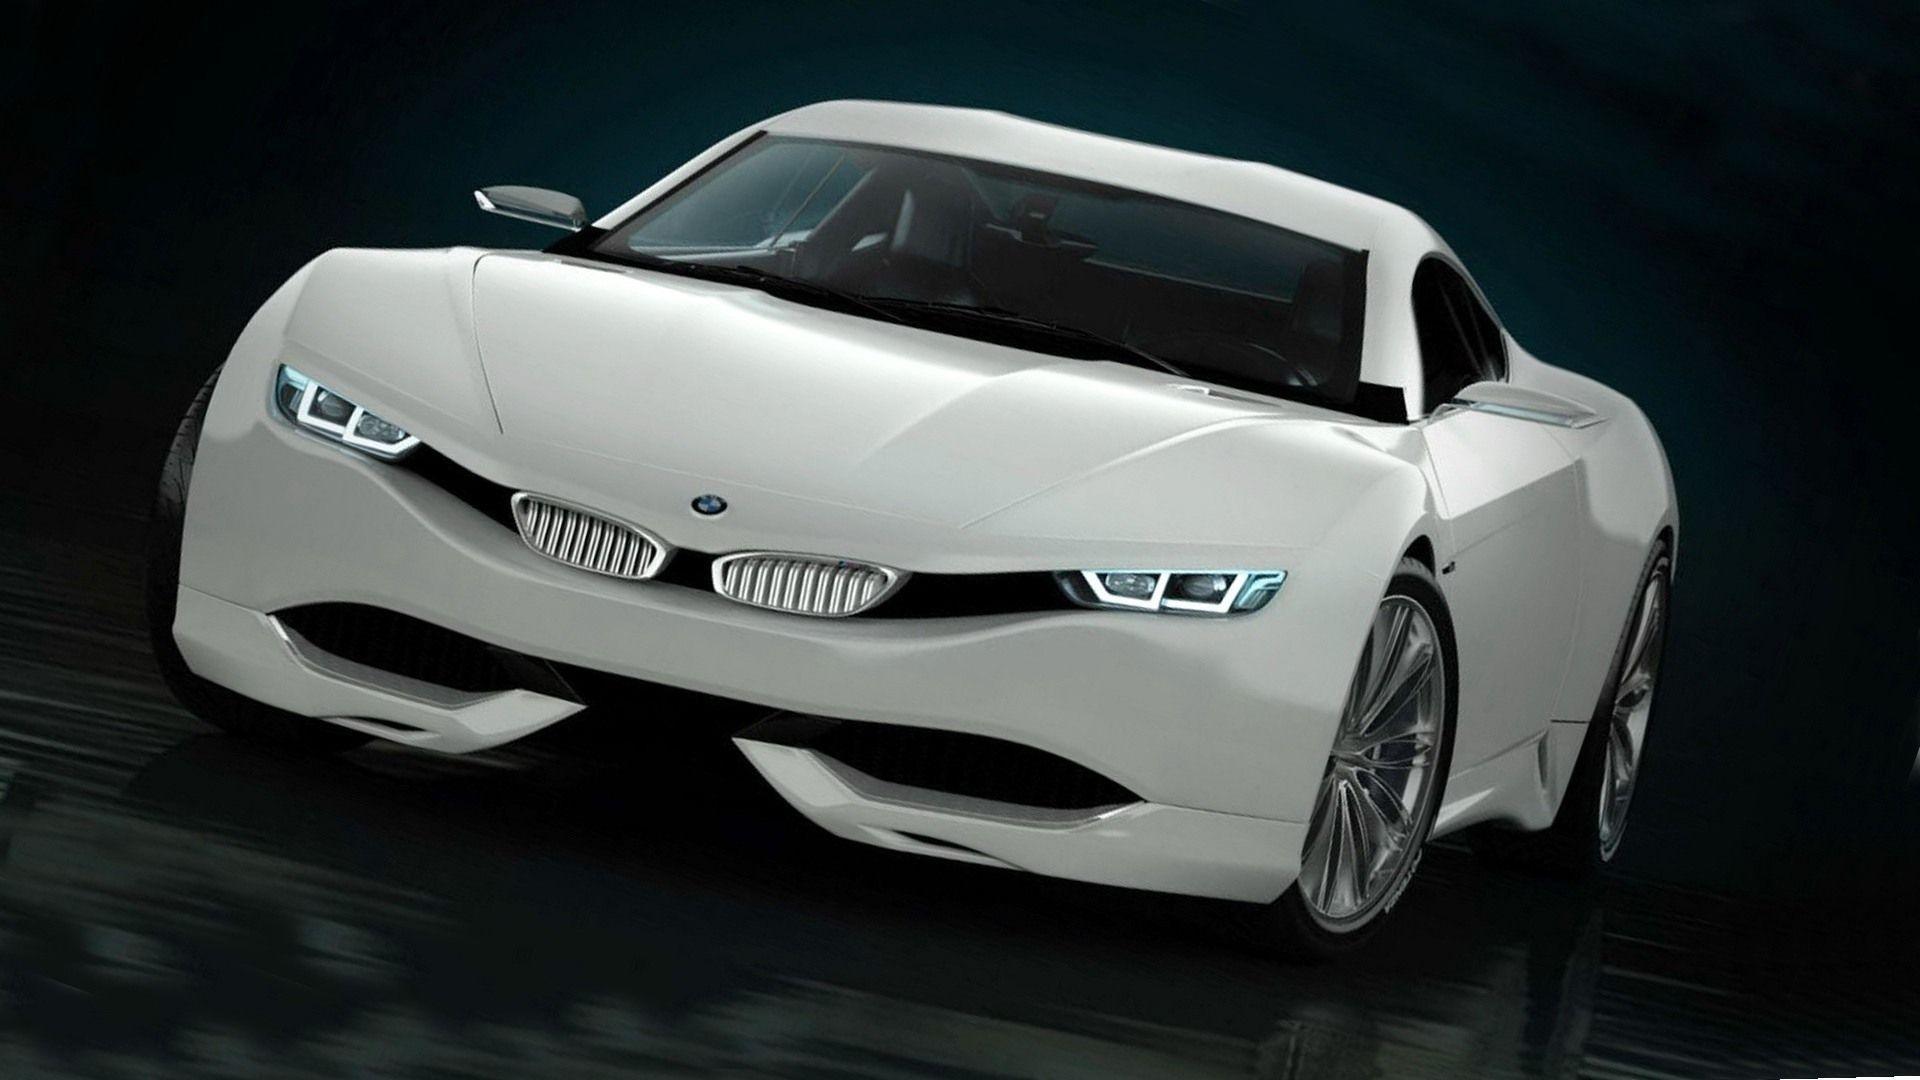 Bmw M9 2020 Ratings Bmw M9 Bmw Hybrid Car